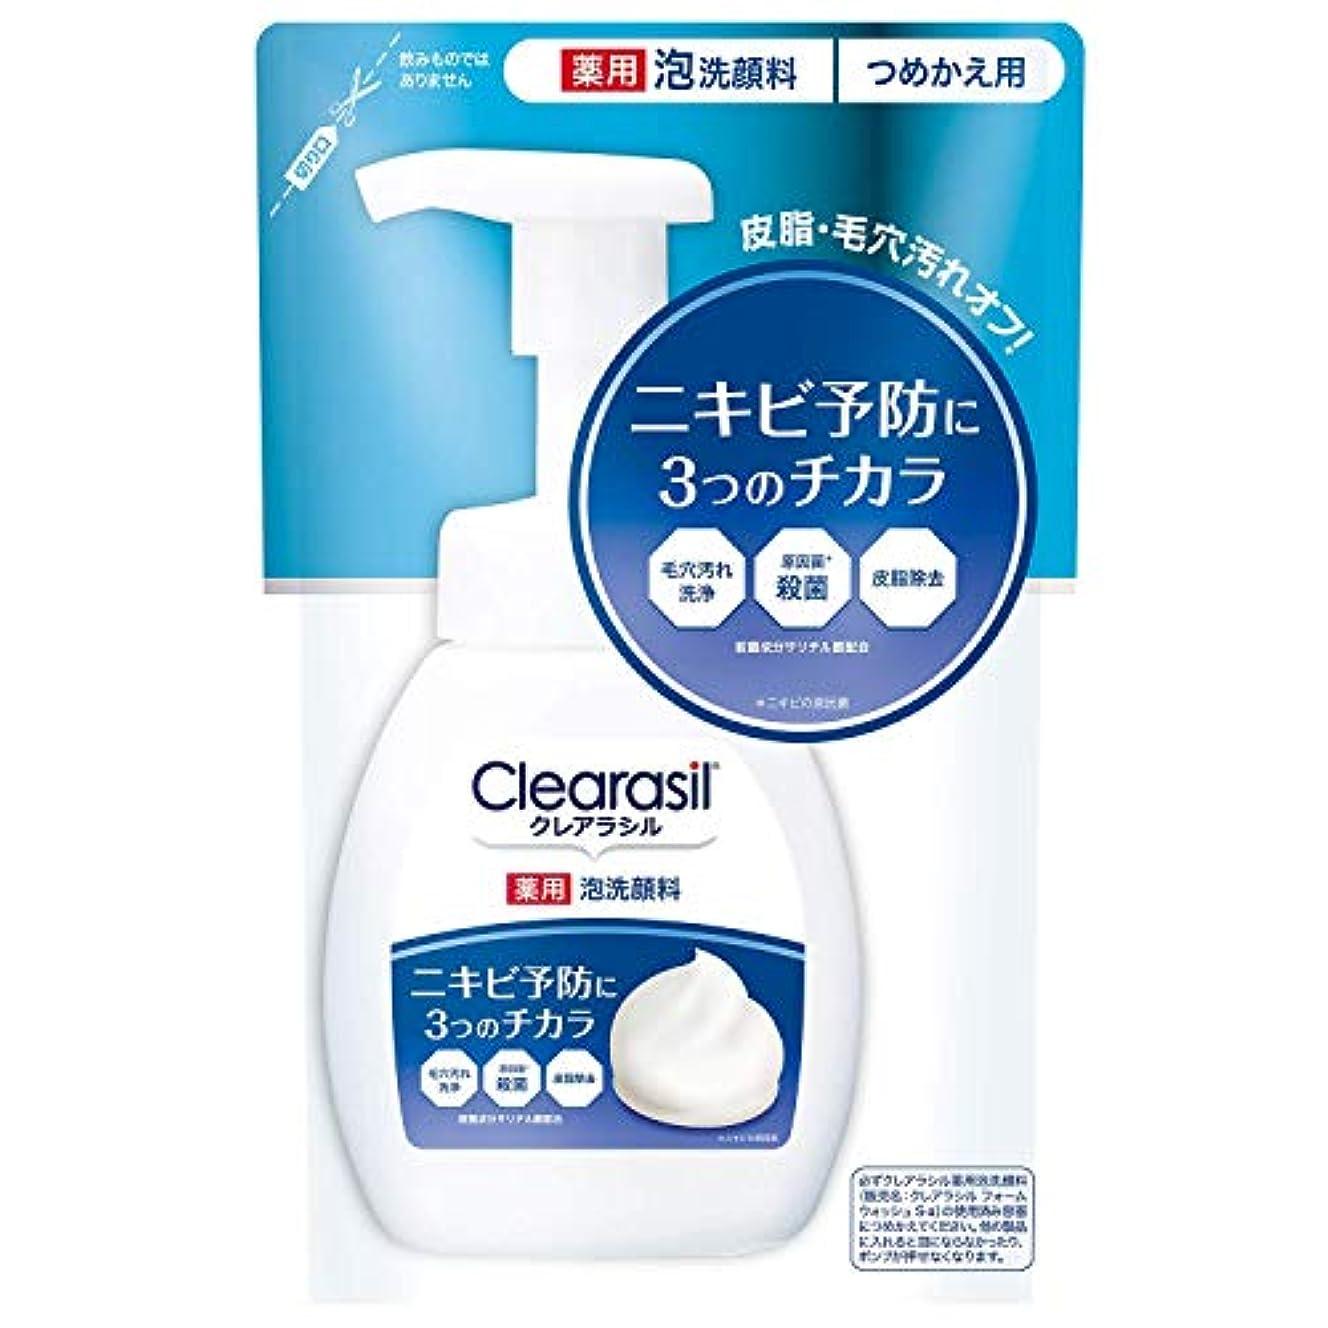 積極的にスナップ財政【clearasil】クレアラシル 薬用泡洗顔フォーム10 つめかえ用 (180ml) ×10個セット